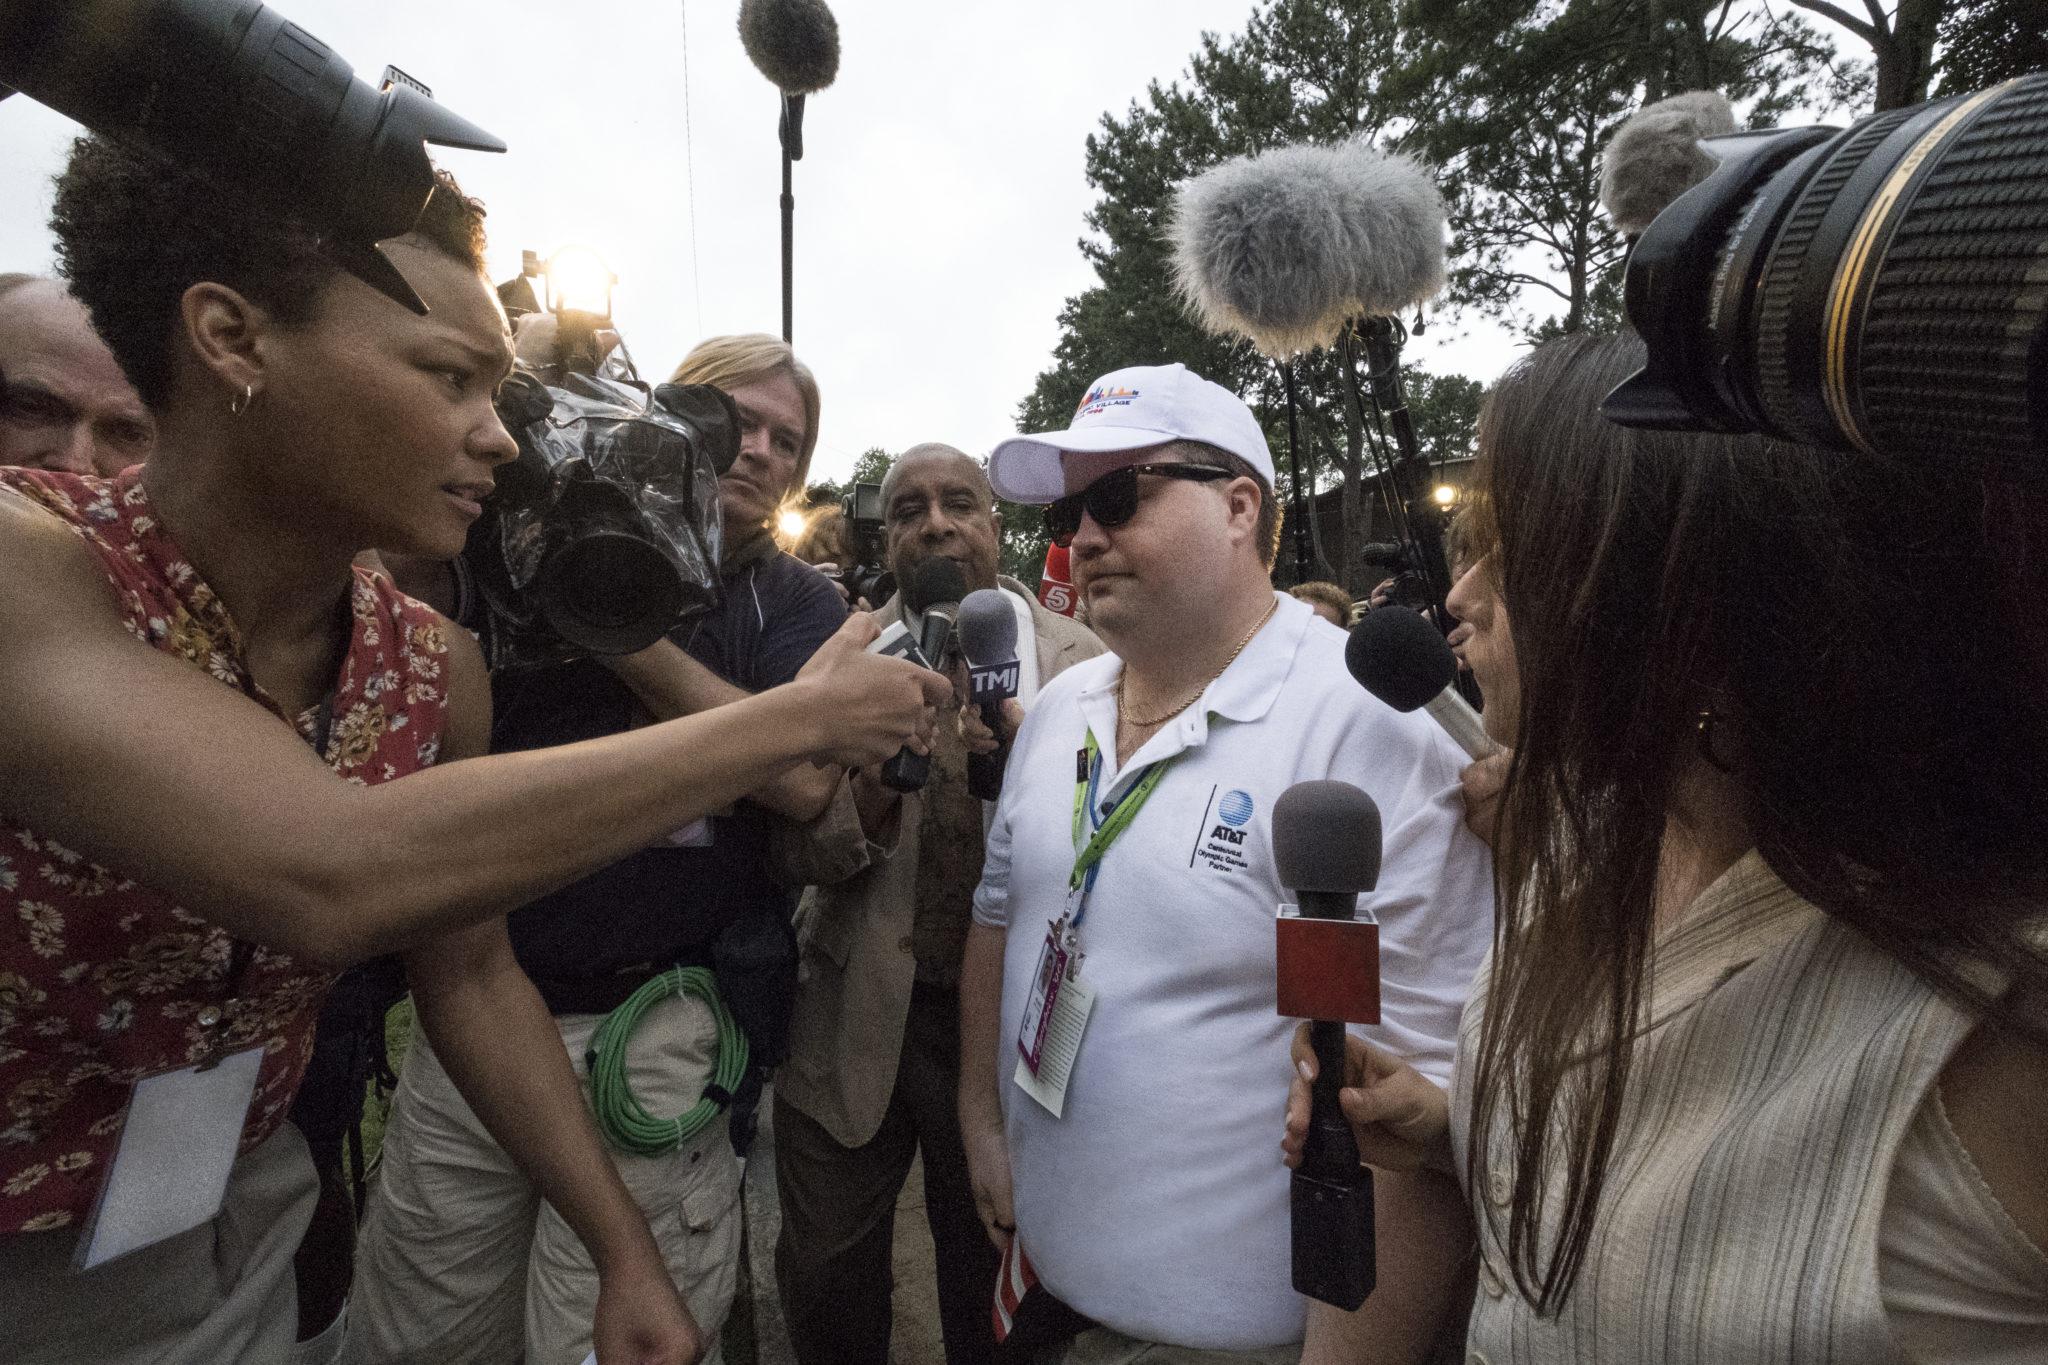 Richard Jewell ist umringt von Reportern, die alle versuchen einen O-Ton von ihm zu bekommen. Dabei trägt der Mann seine normale Arbeitskleidung